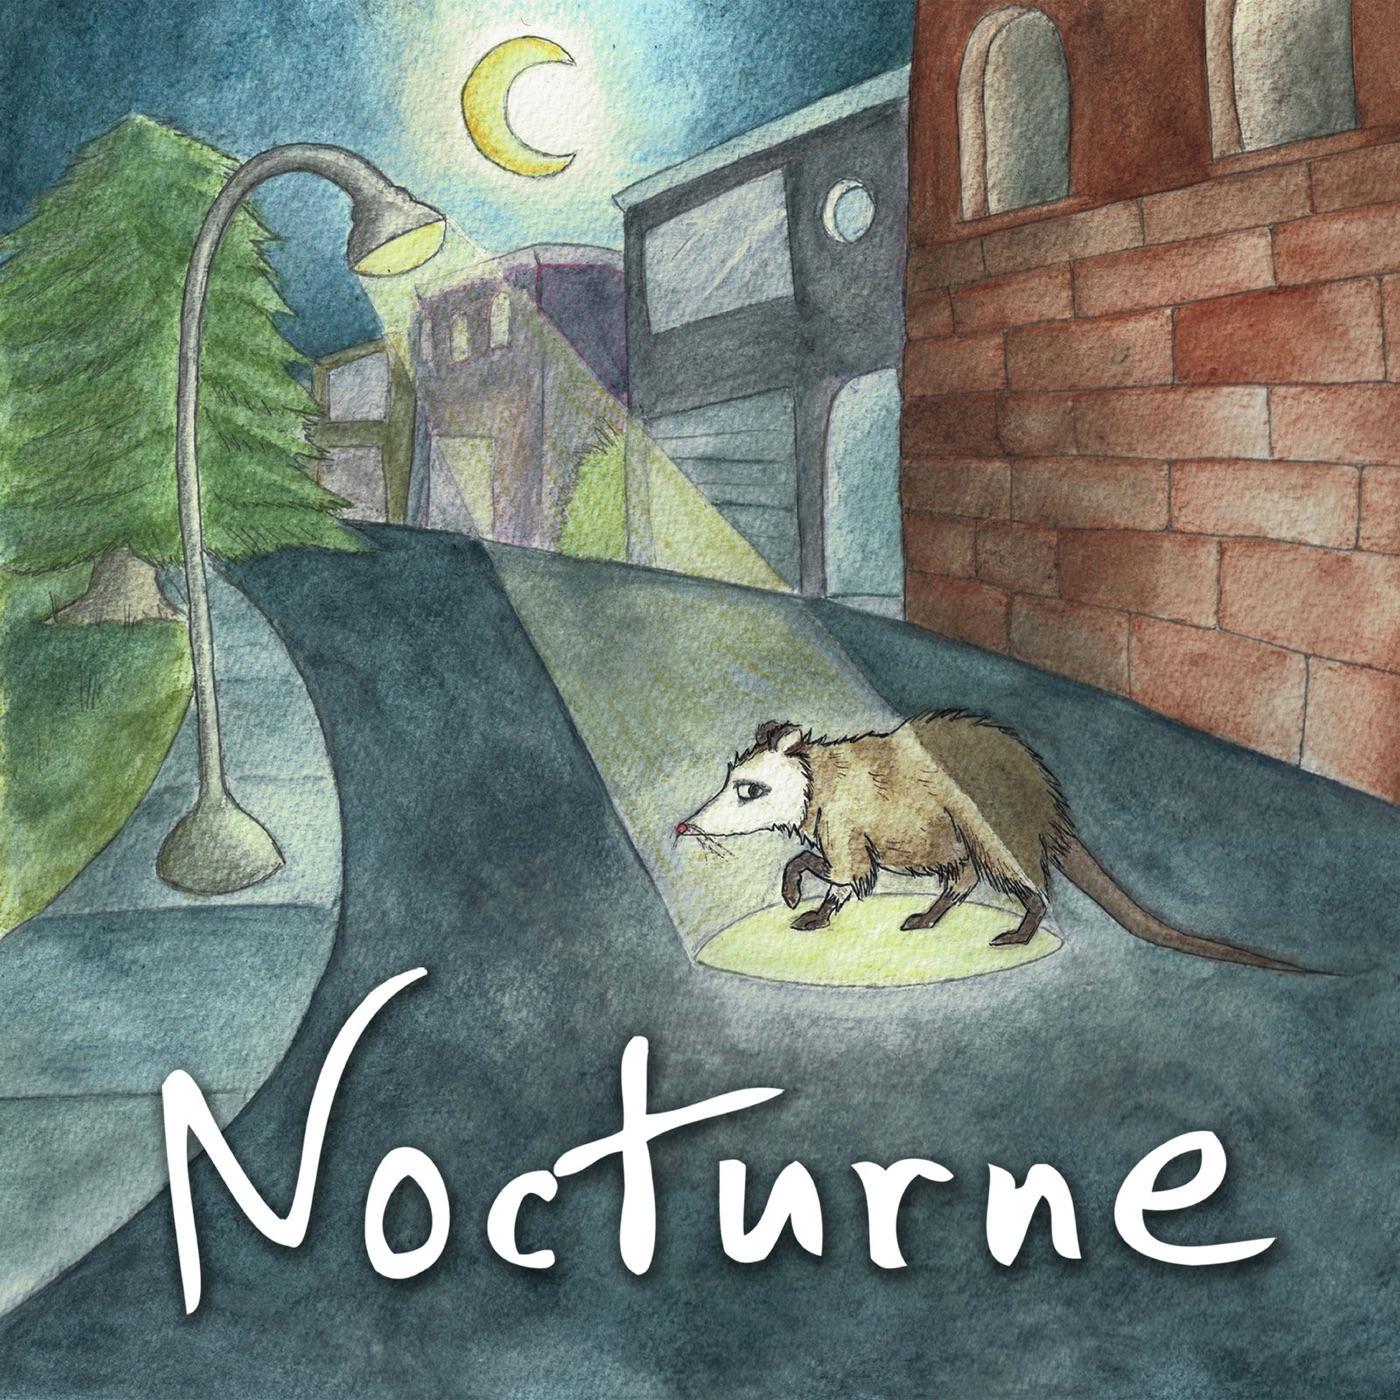 nocturne-kcrw-vanessa-lowe-tiATnY-y1ug.1400x1400